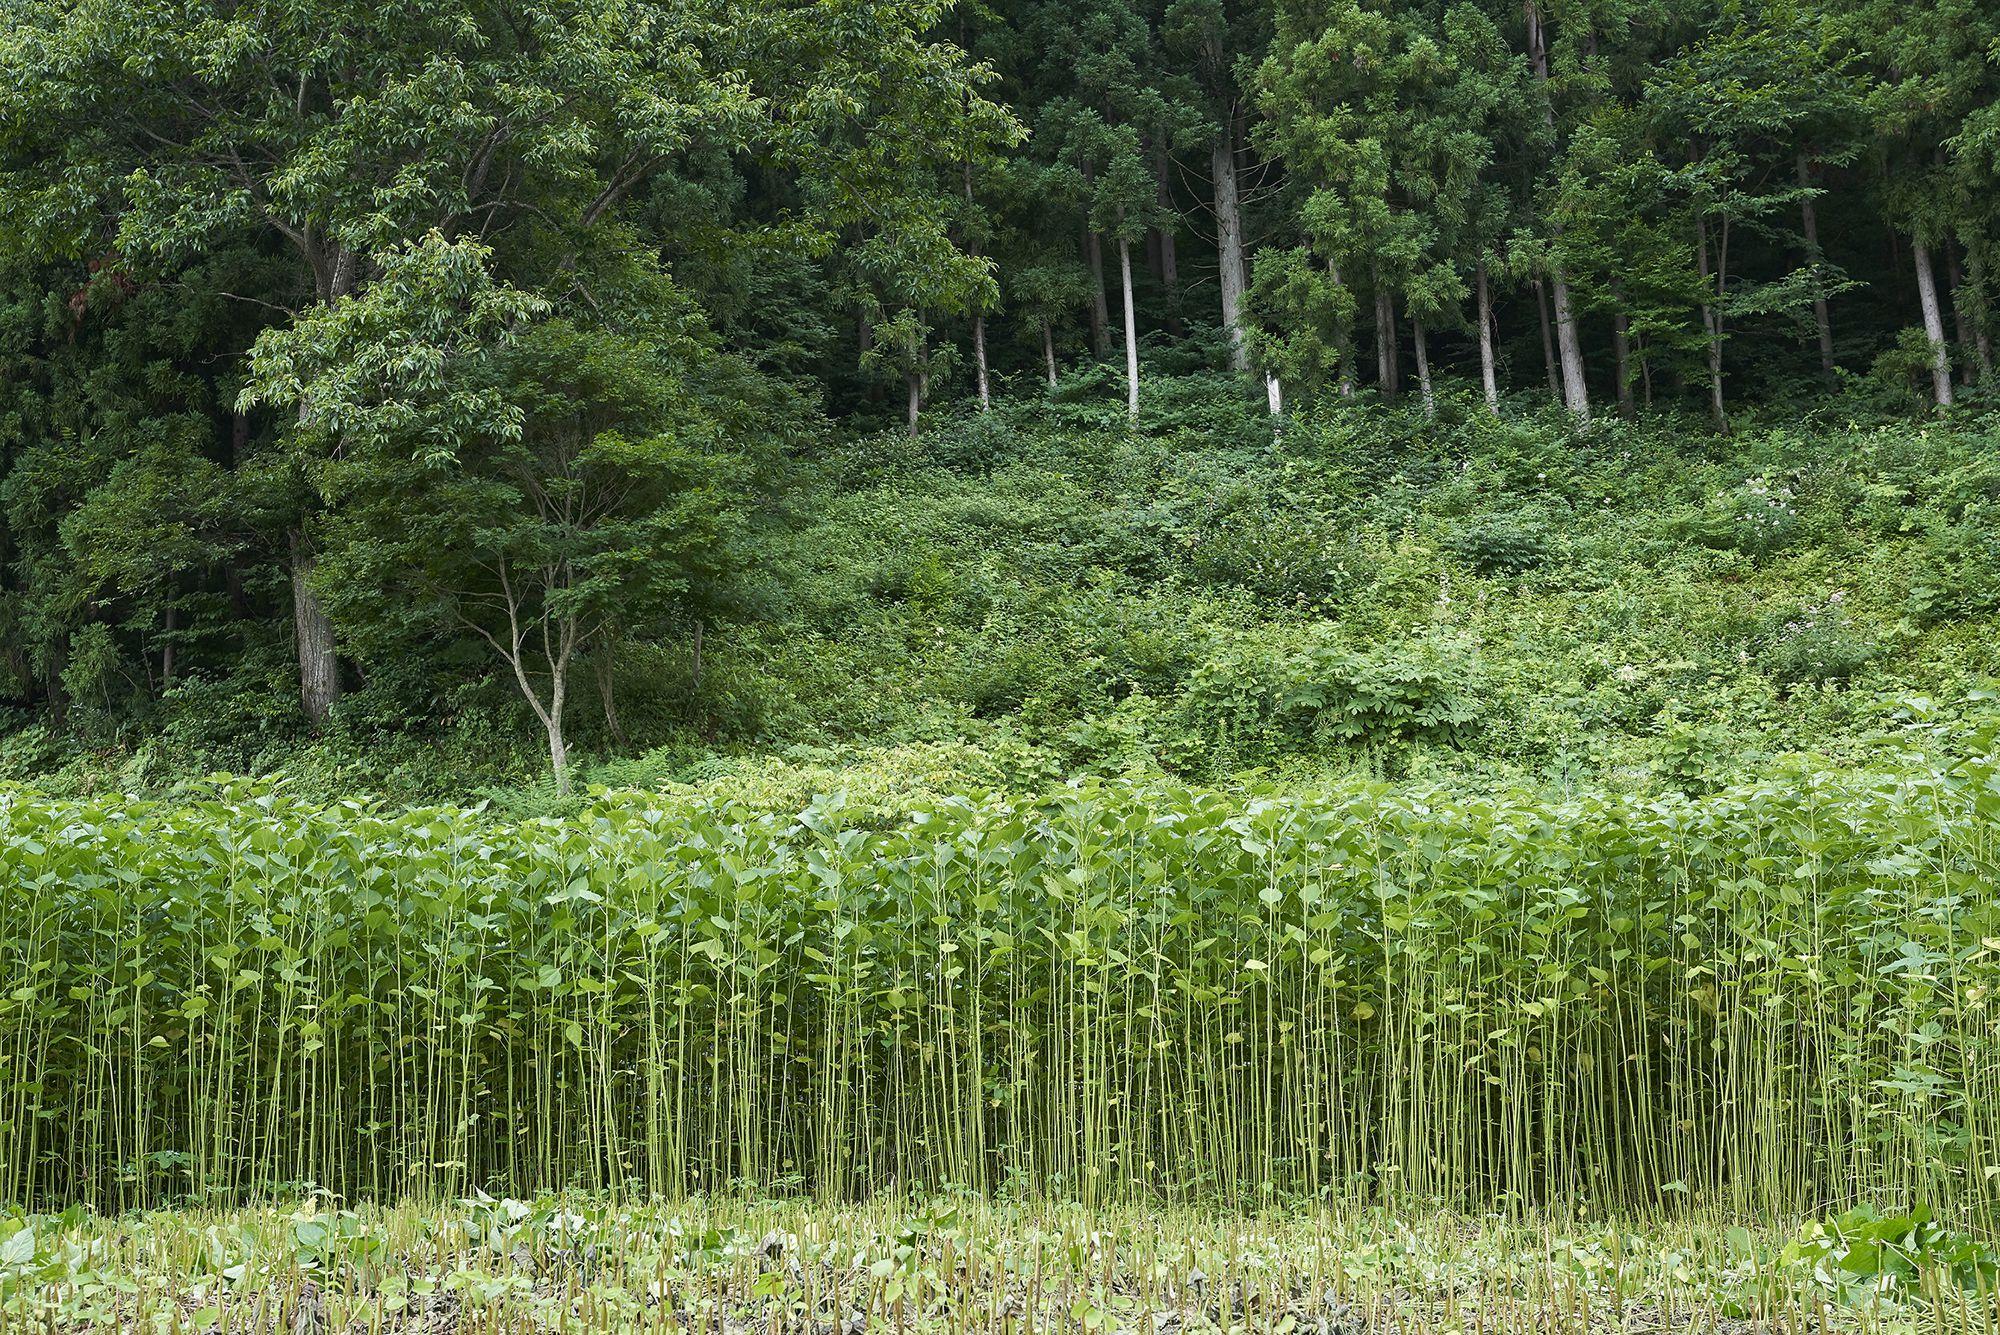 刈り取り期のからむし畑。細く美しく成長した上質の「からむし」。「からむし」の質は、糸作り、機織りなどその後の工程にも影響してくる。写真提供:昭和村